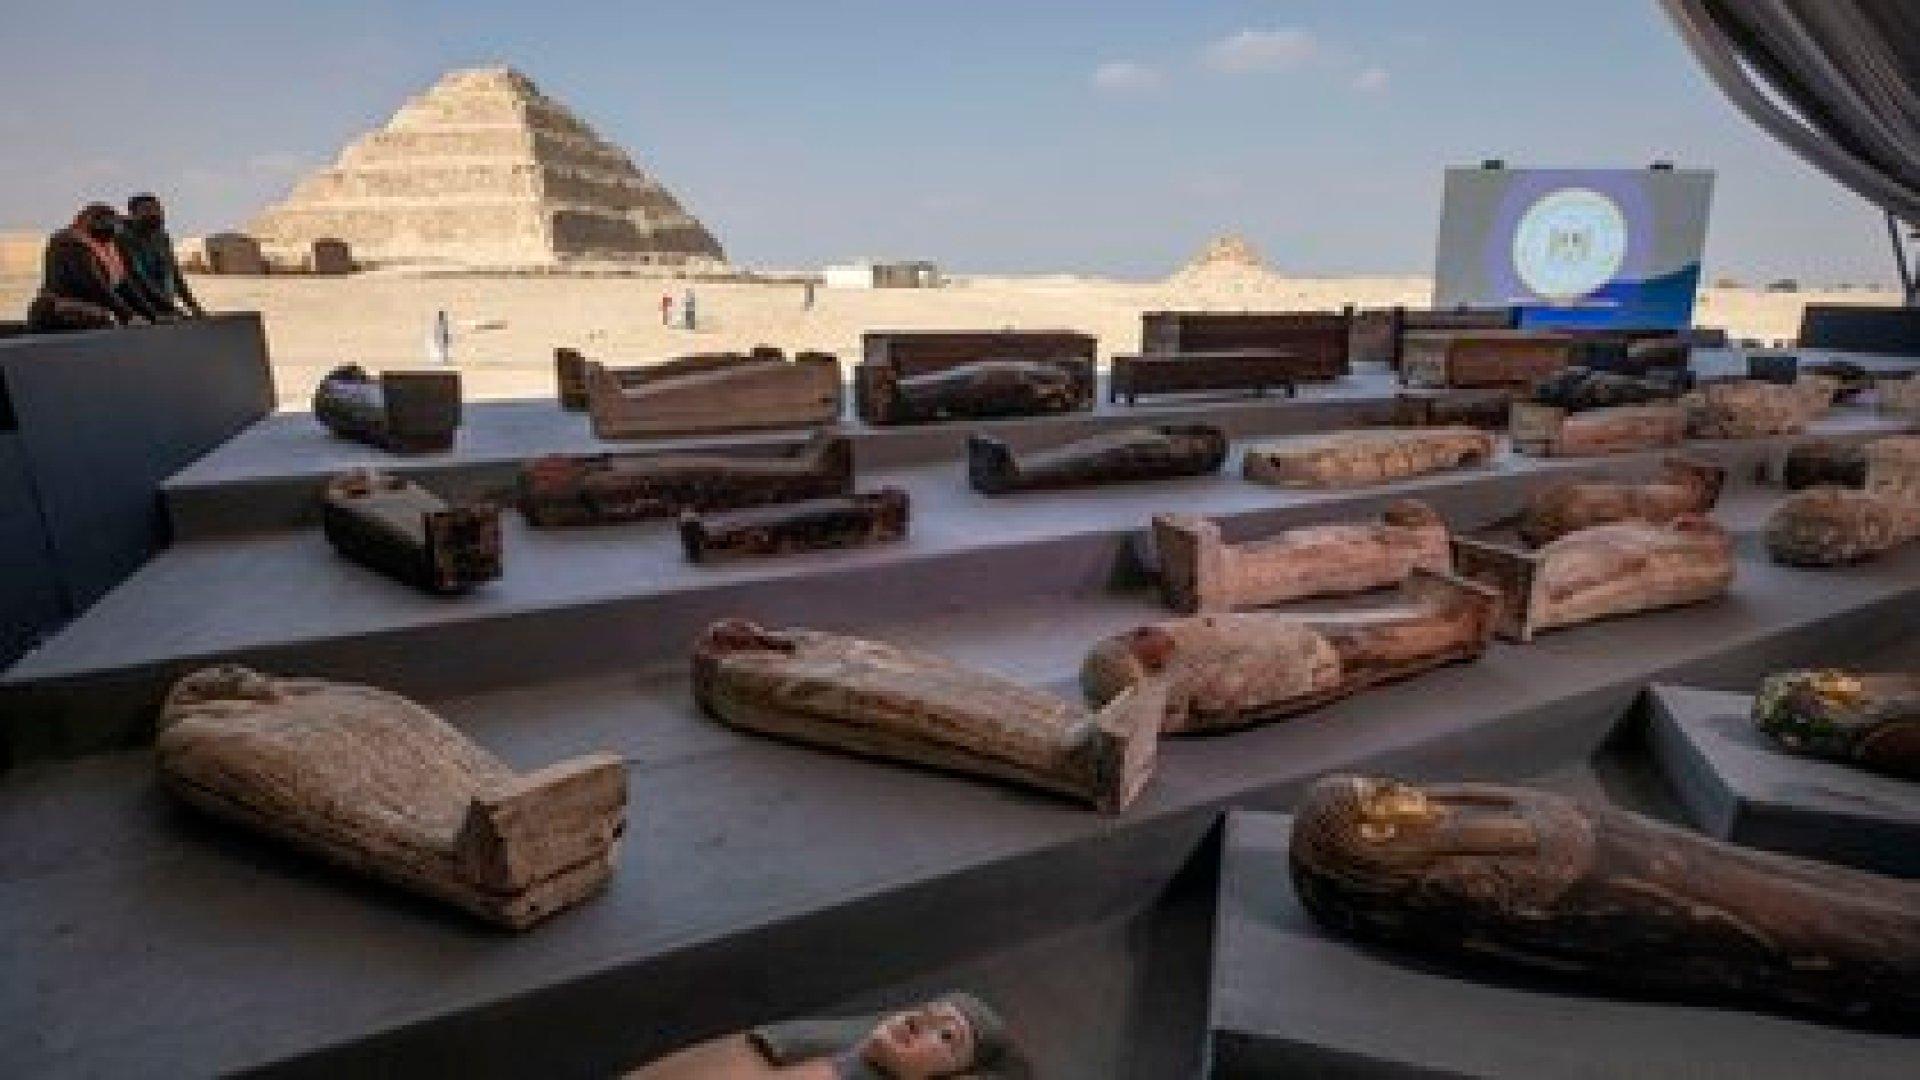 Egipto presentó este sábado un centenar de sarcófagos de más de 2.000 años de antigüedad en perfecto estado (AP/Nariman El-Mofty)